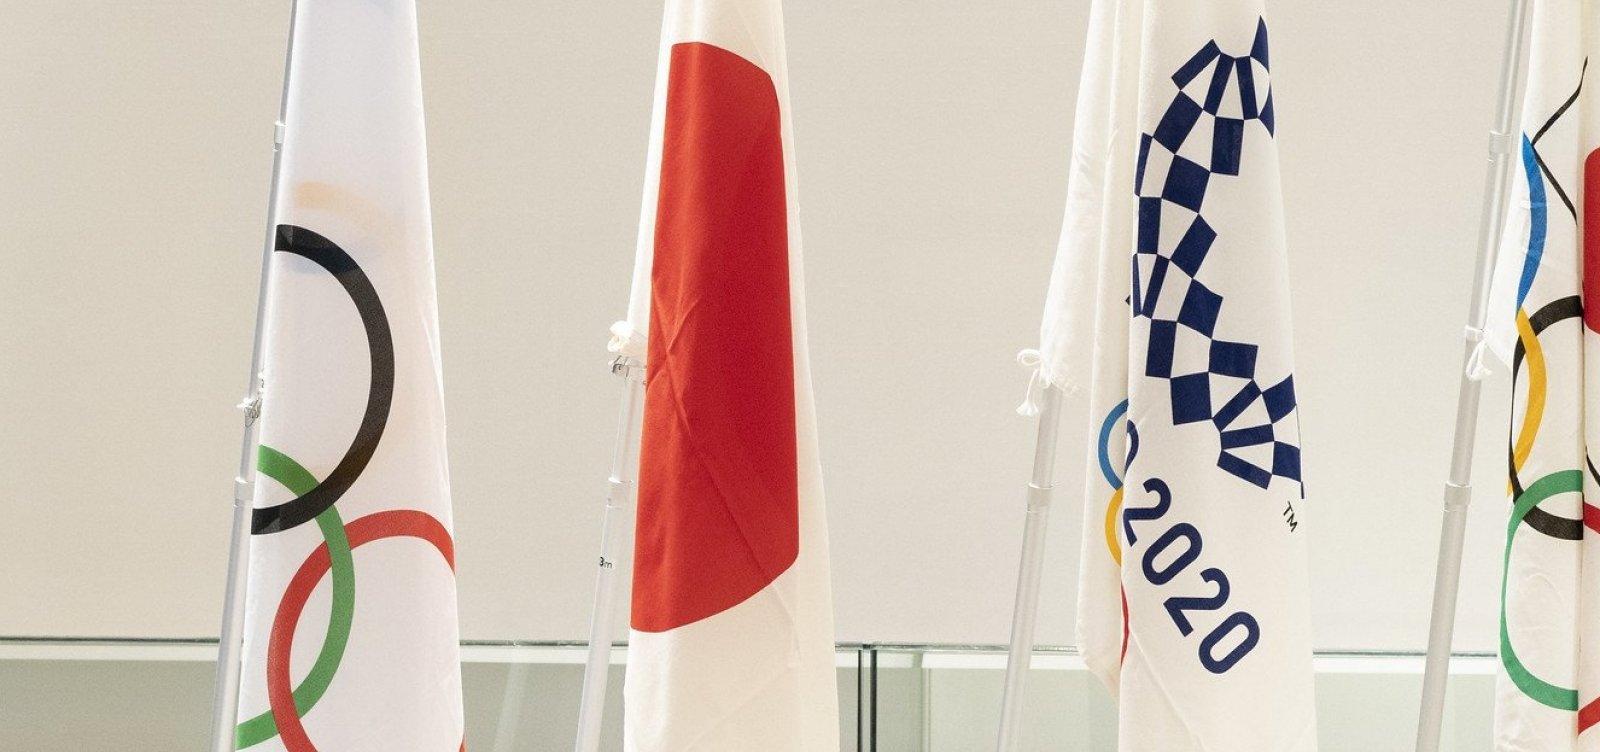 Após declarações machistas, presidente do Comitê de Tóquio deve renunciar, diz imprensa local